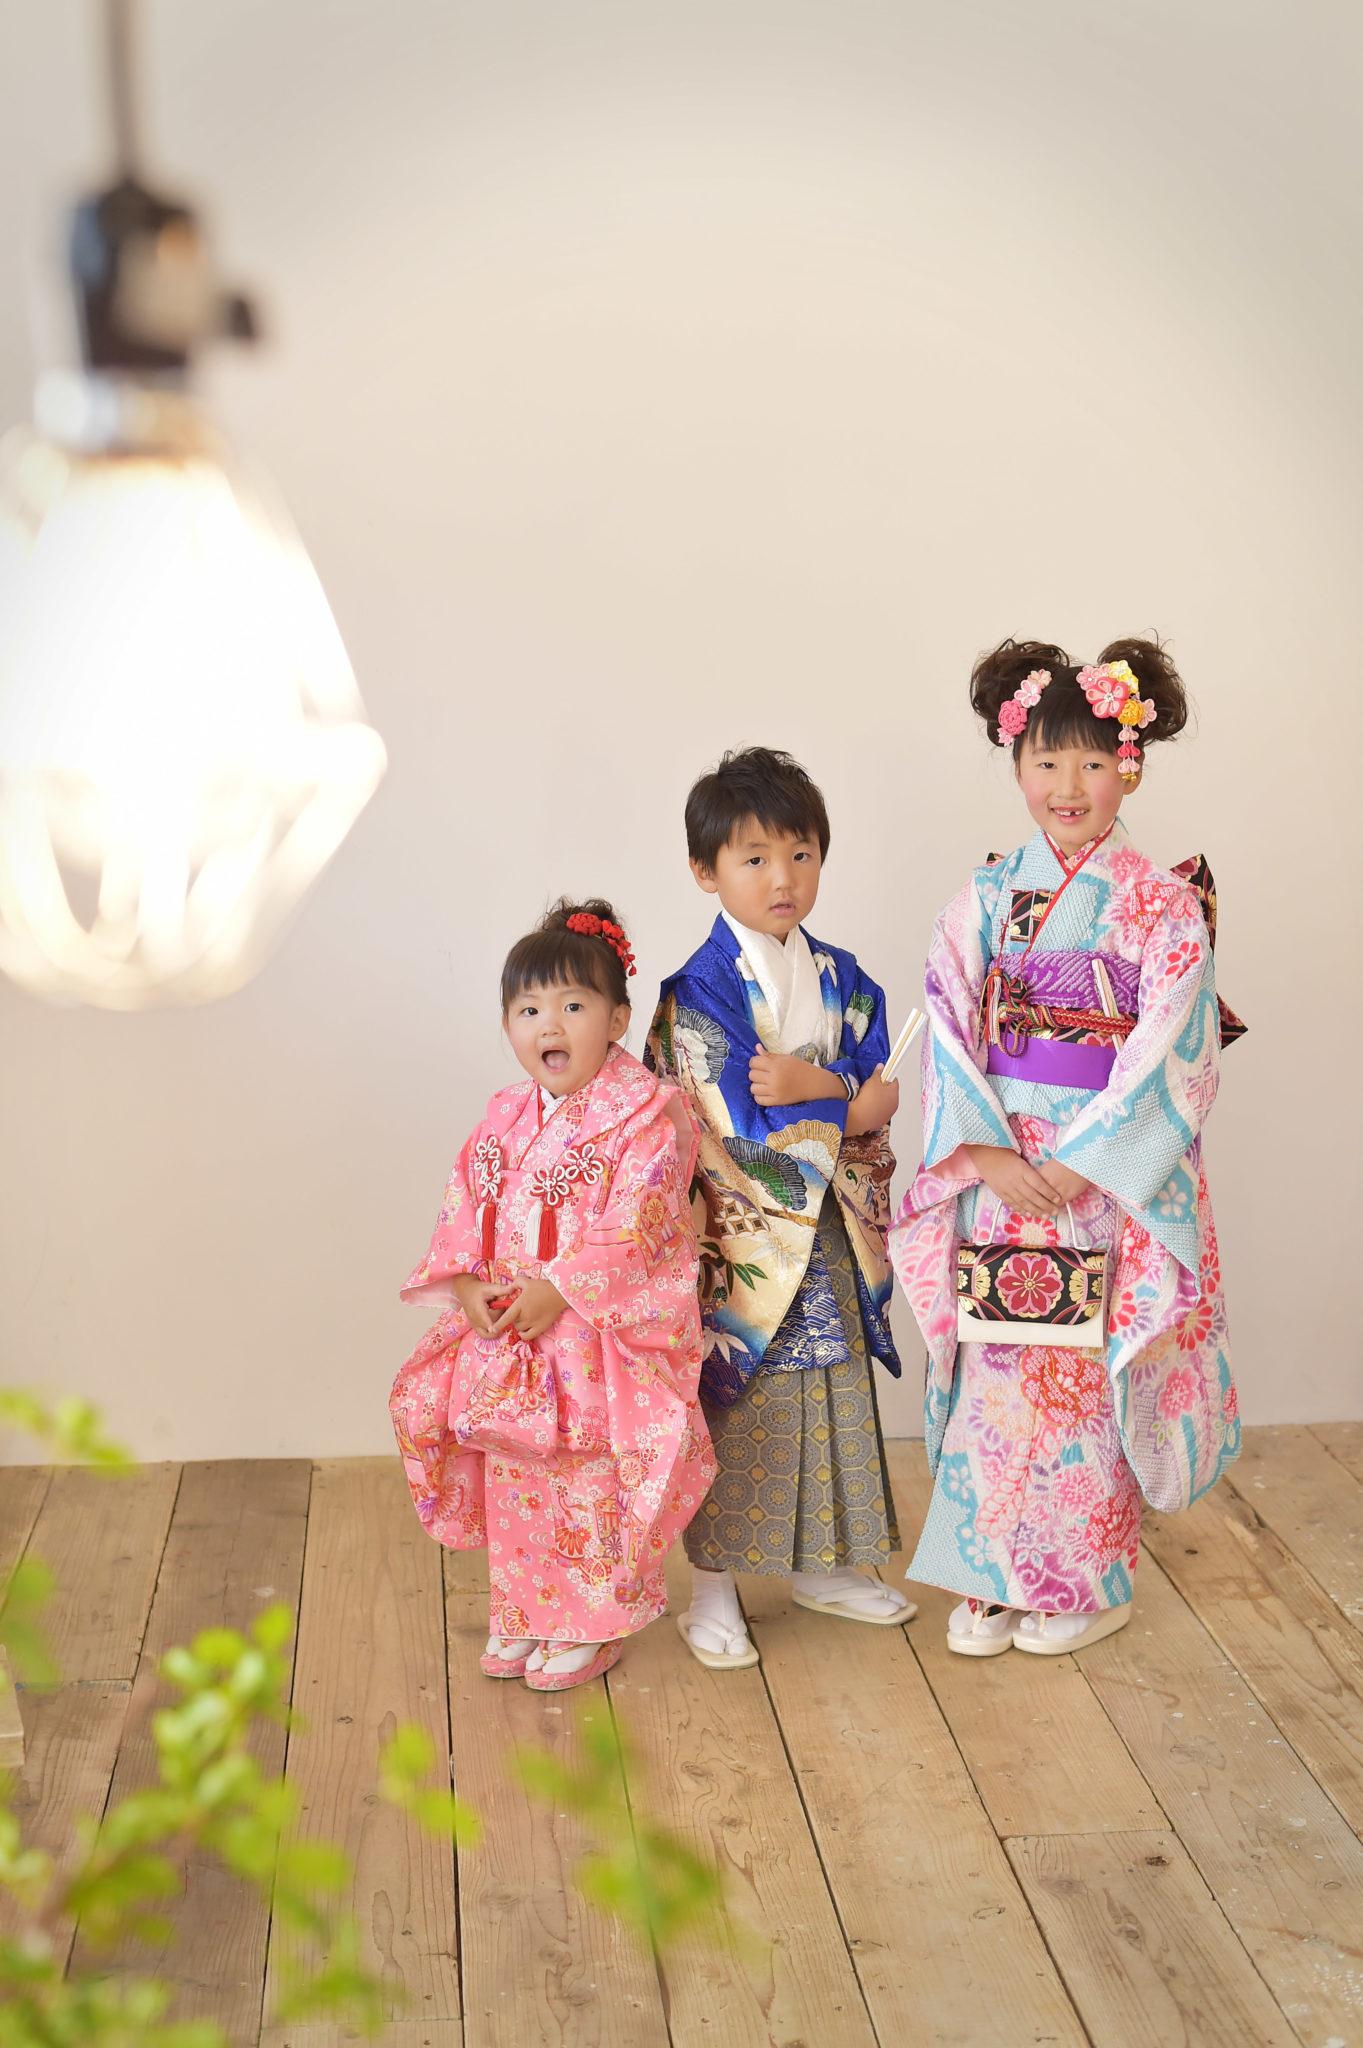 宝塚市 七五三 3歳 5歳 7歳